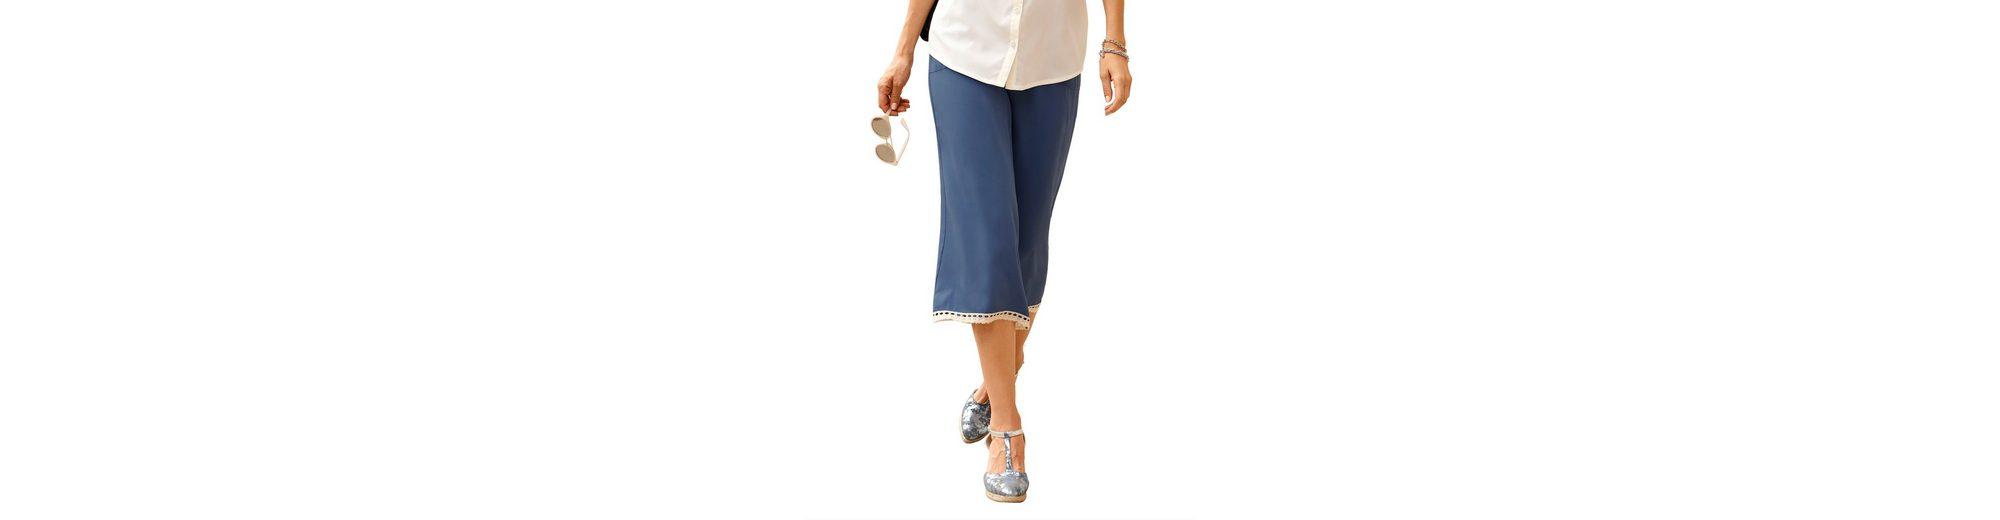 Dress In Culotte mit modischem Spitzenband Verkauf Ausgezeichnet 2018 Neue Geringster Preis Die Kostenlose Versand Hochwertiger Verkauf Manchester azOptTa5